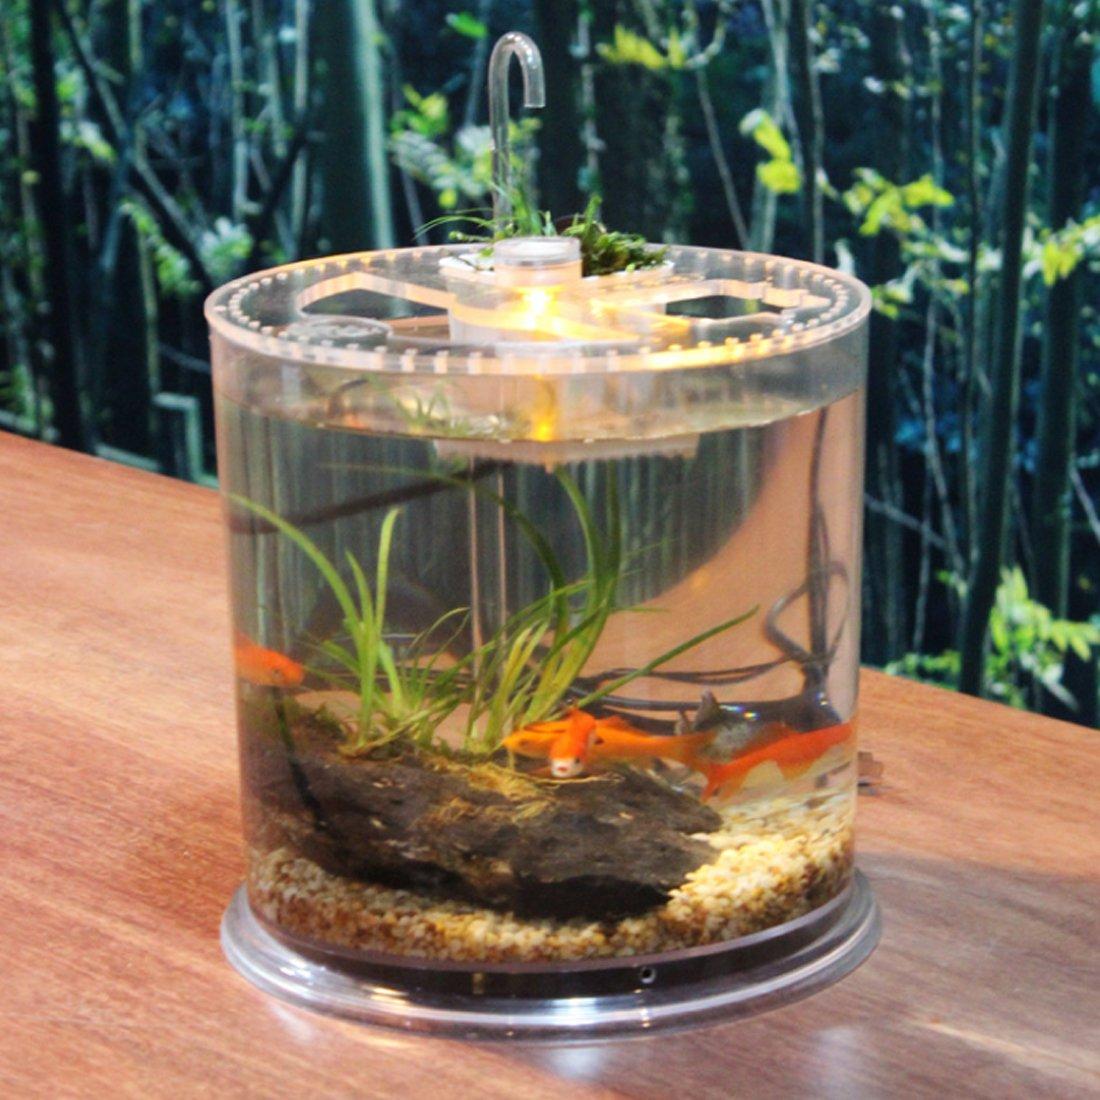 YAHAMA pescado Acuario LED luces en forma de columna tablero Acuario pequeña tortuga Forro Box: Amazon.es: Productos para mascotas